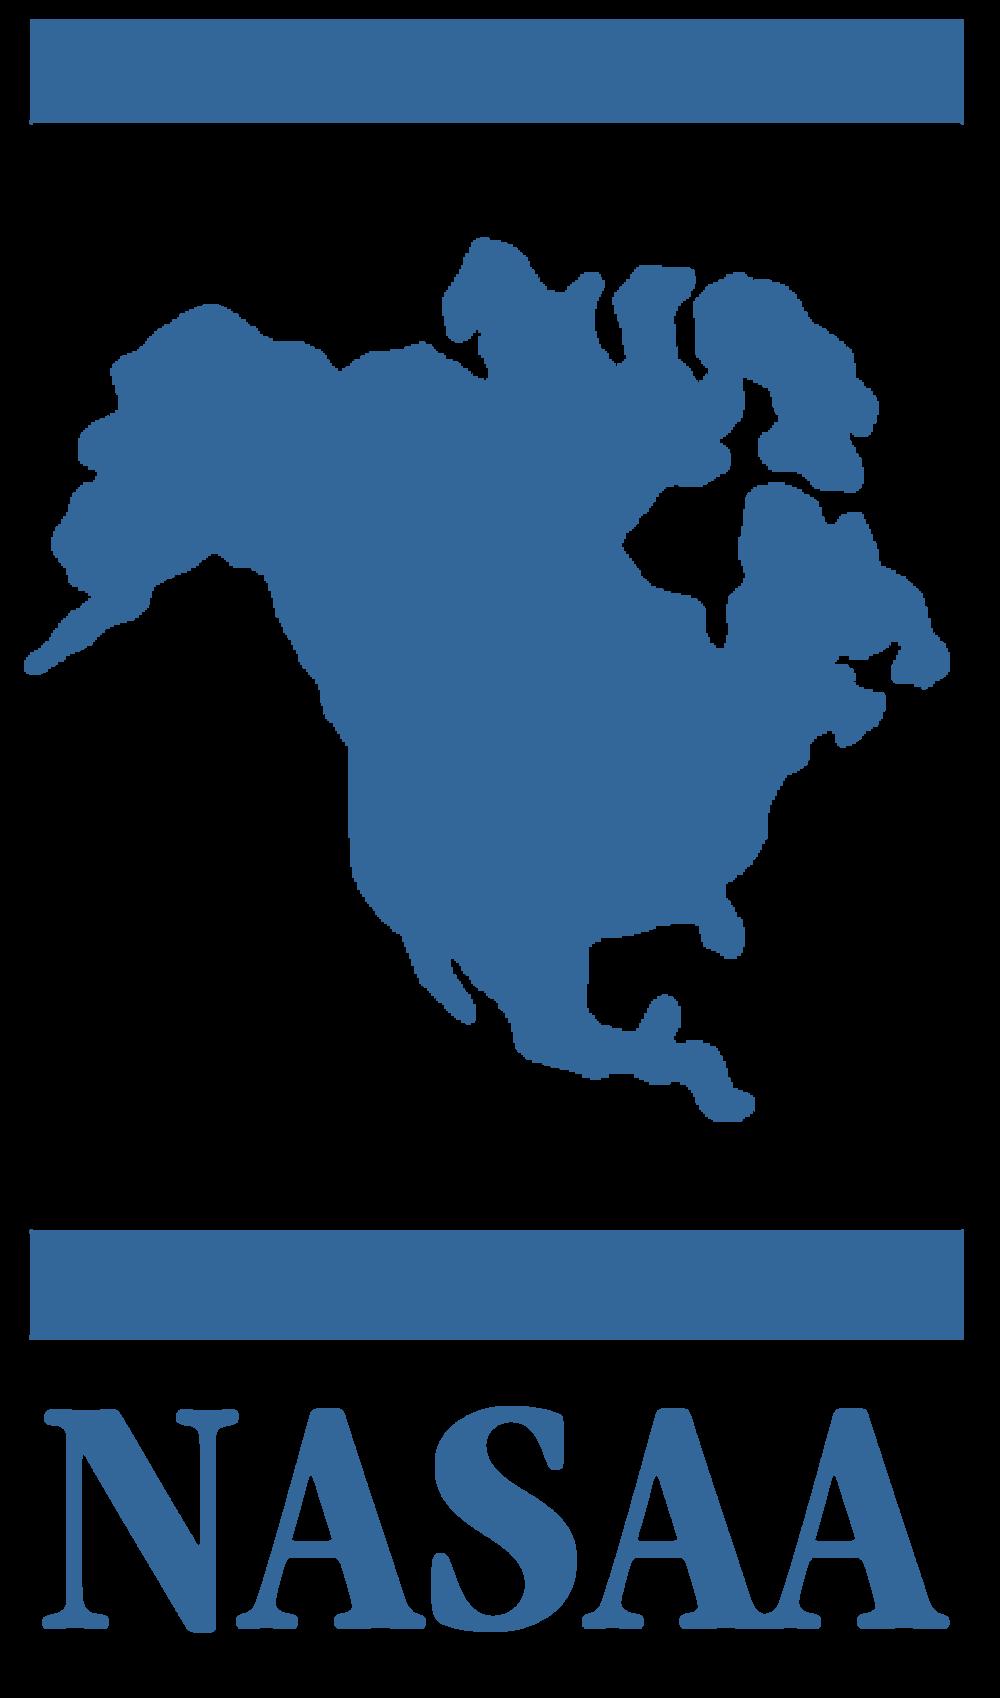 NASAA logo.png